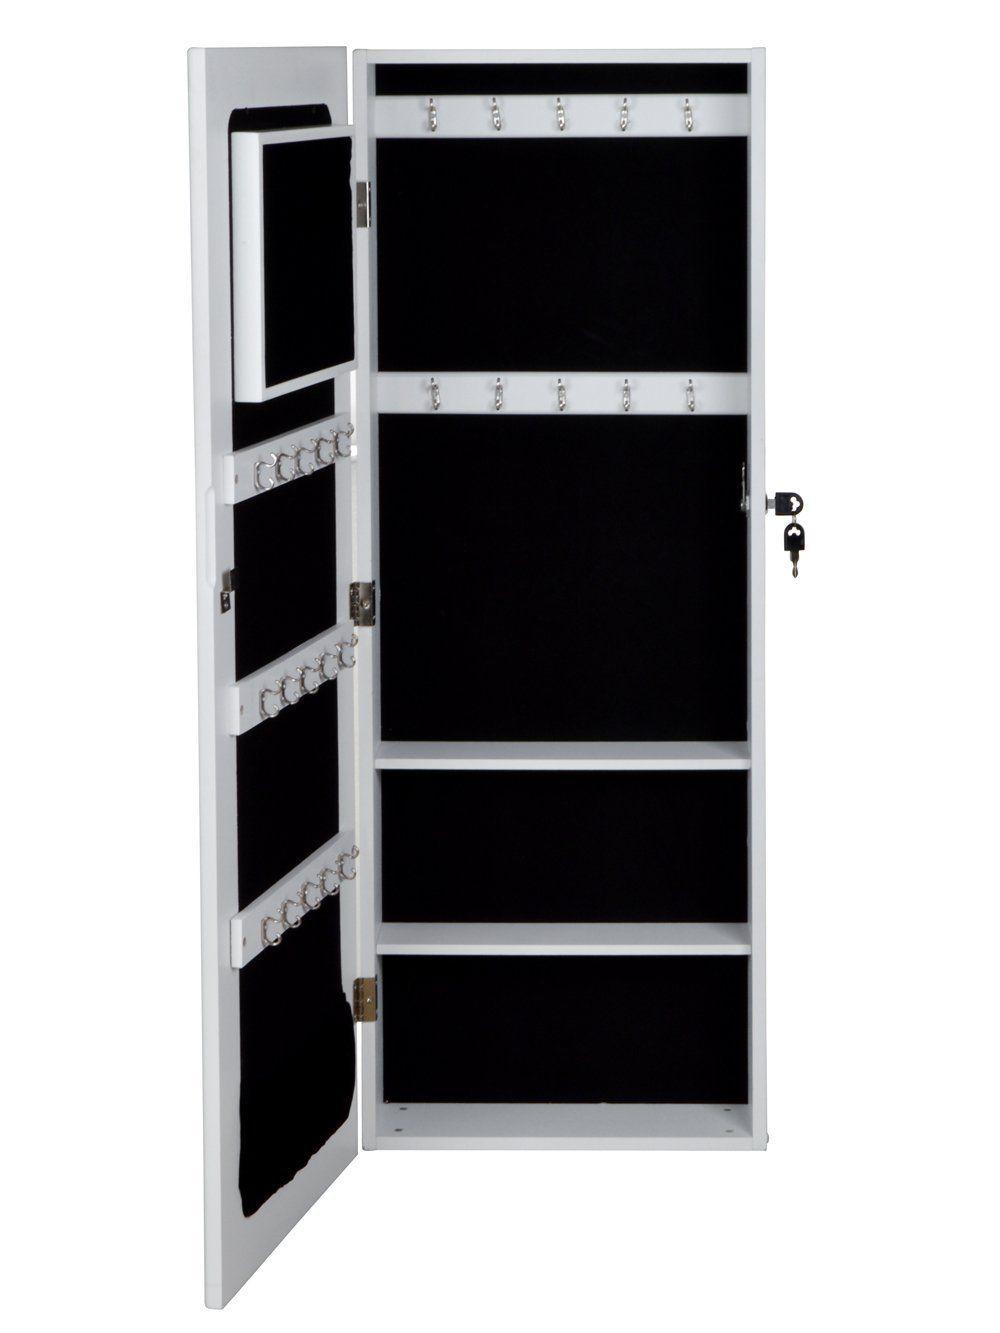 Amazoncom TMS Glass Mirrored Jewelry Cabinet Armoire Organizer